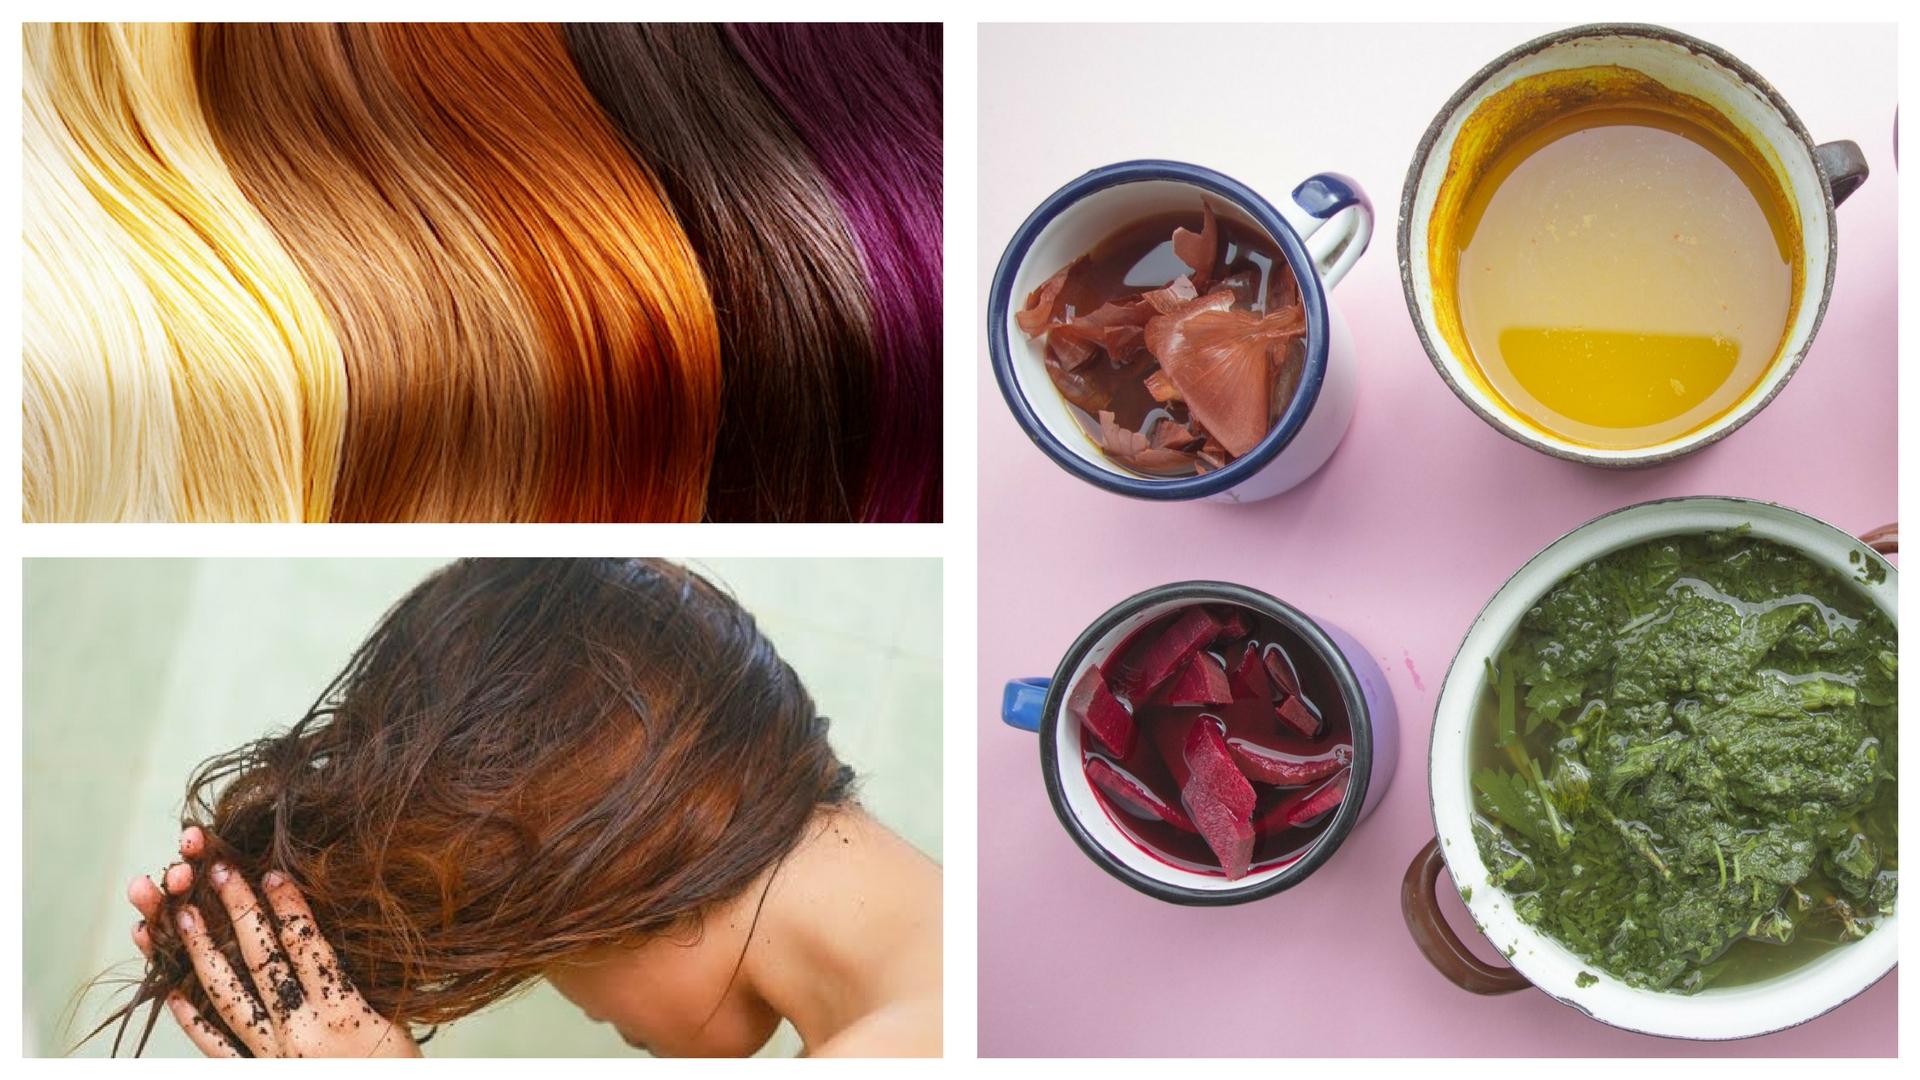 Le migliori 5 tinte naturali per capelli bianchi  risparmio e salute per la  tua chioma 79e0428f9928